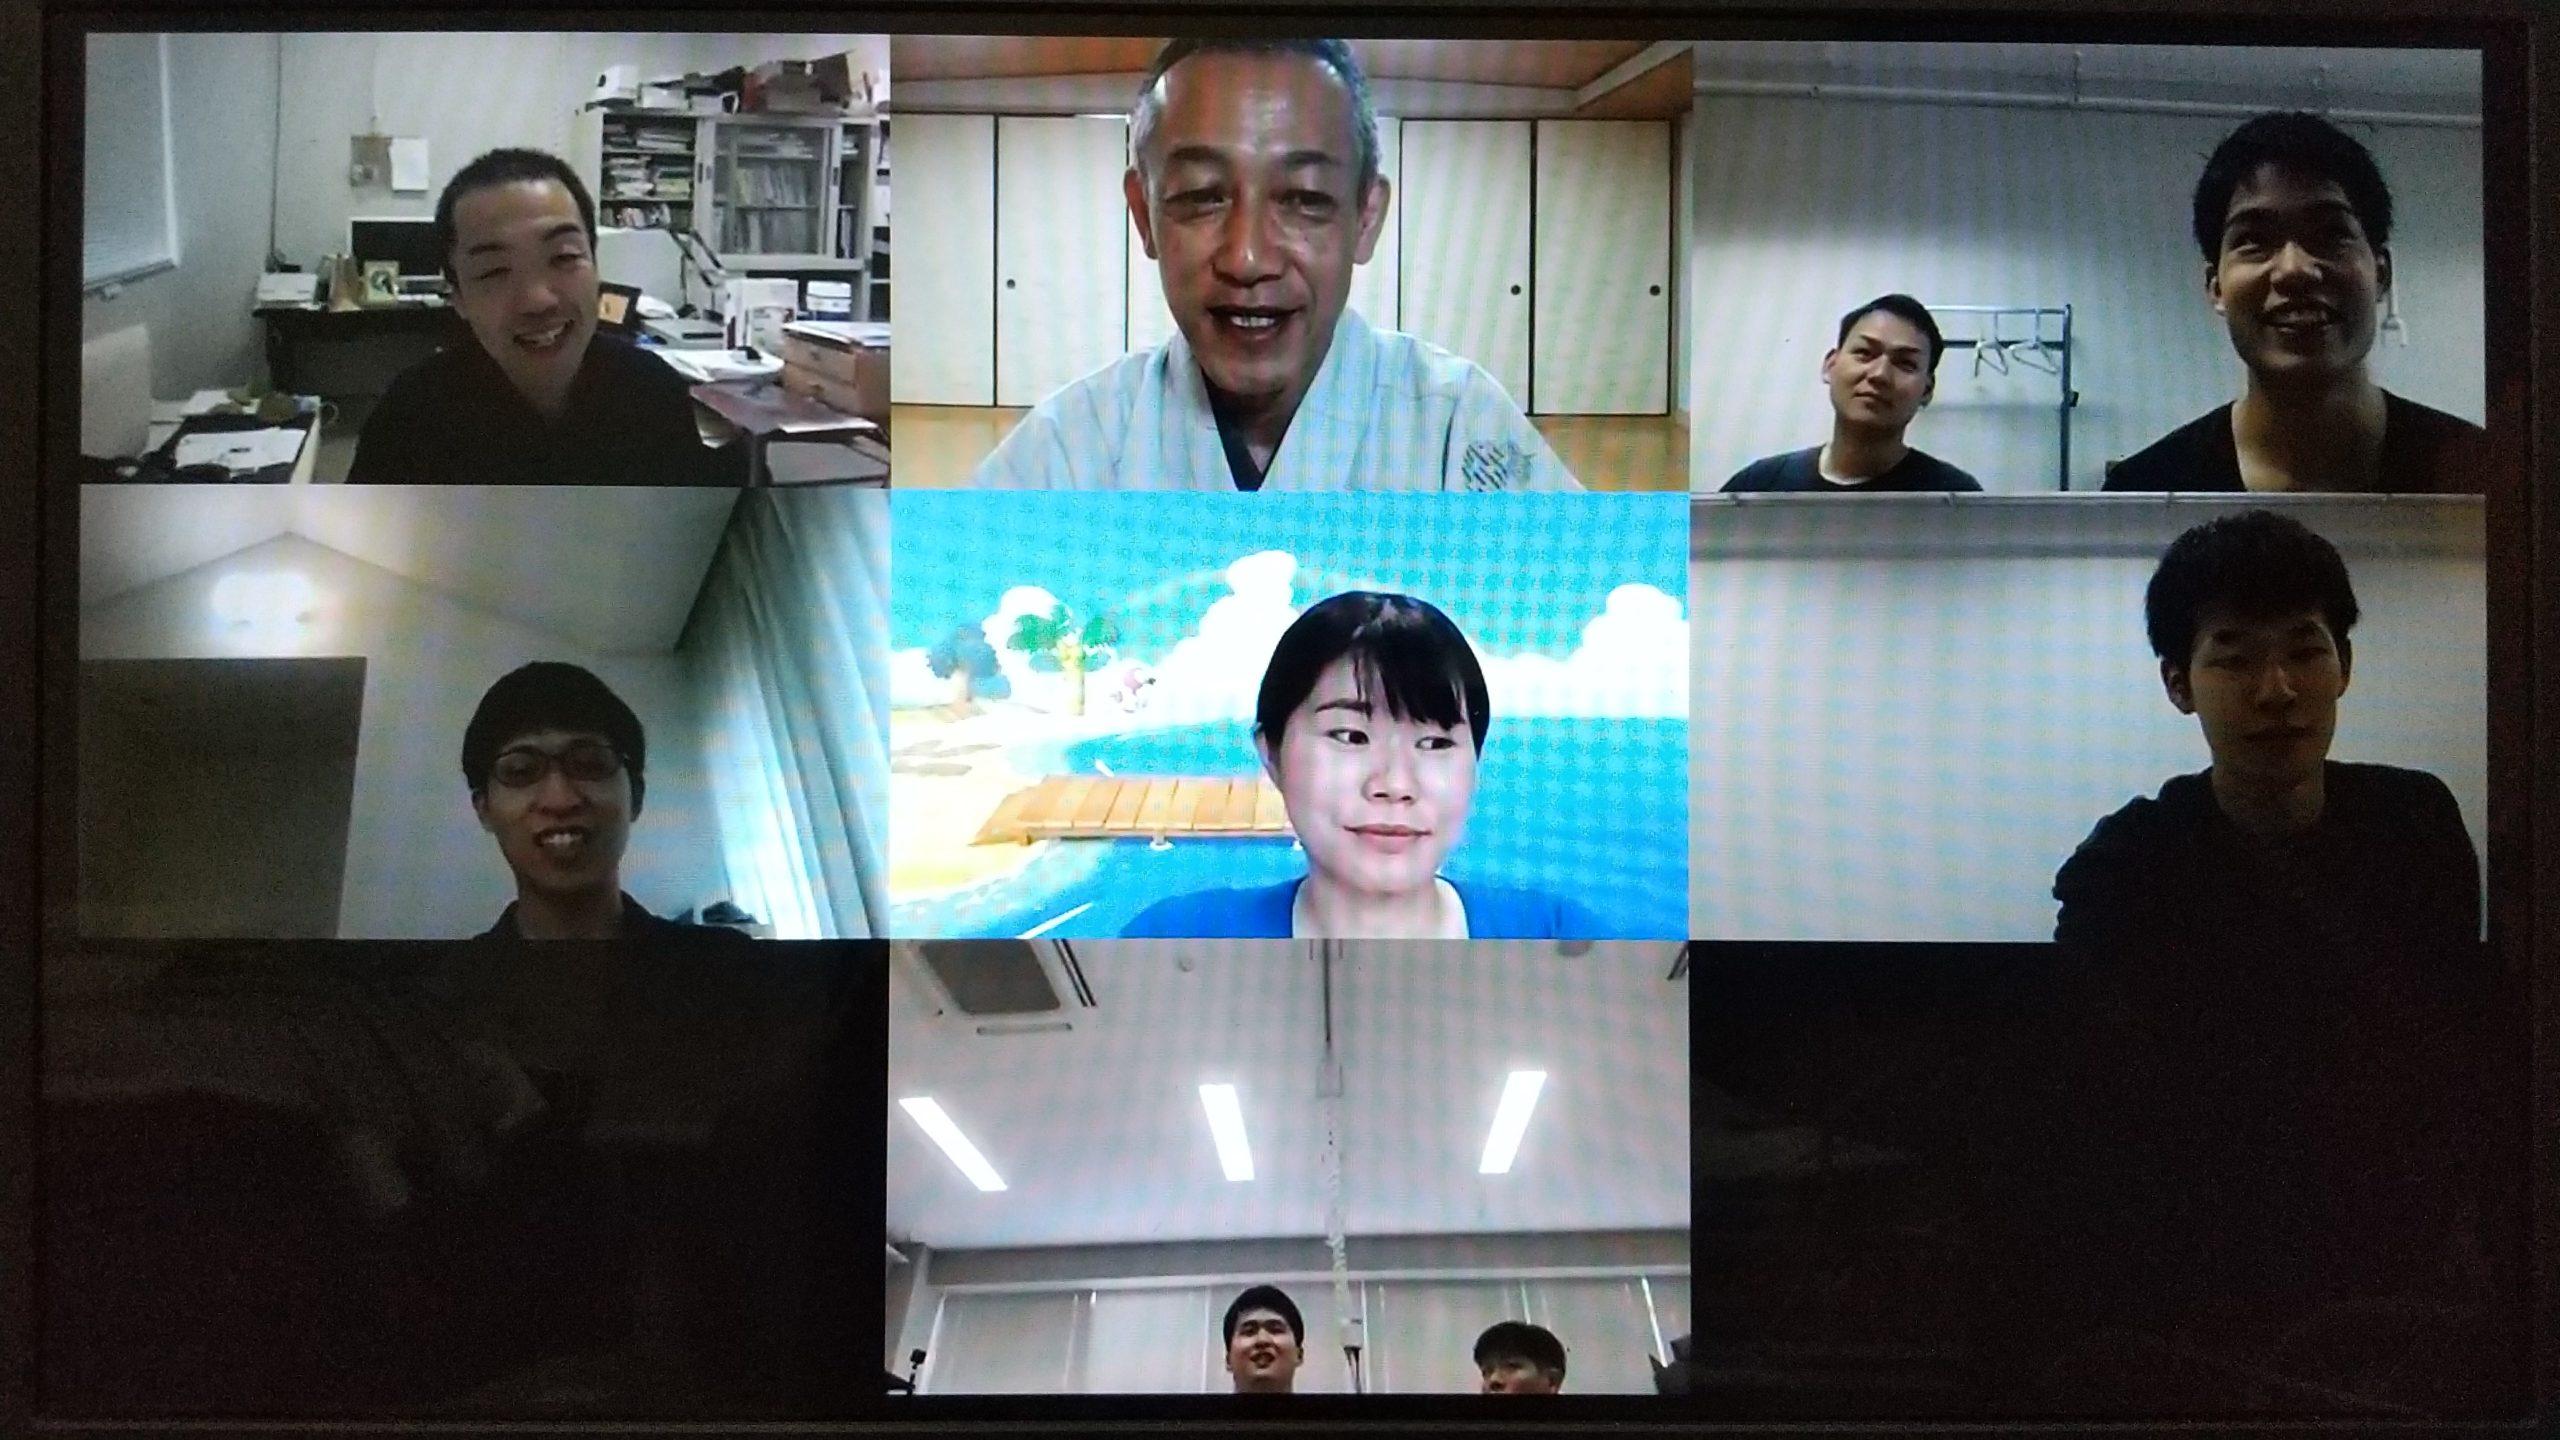 金沢工業大学と扇流の研究